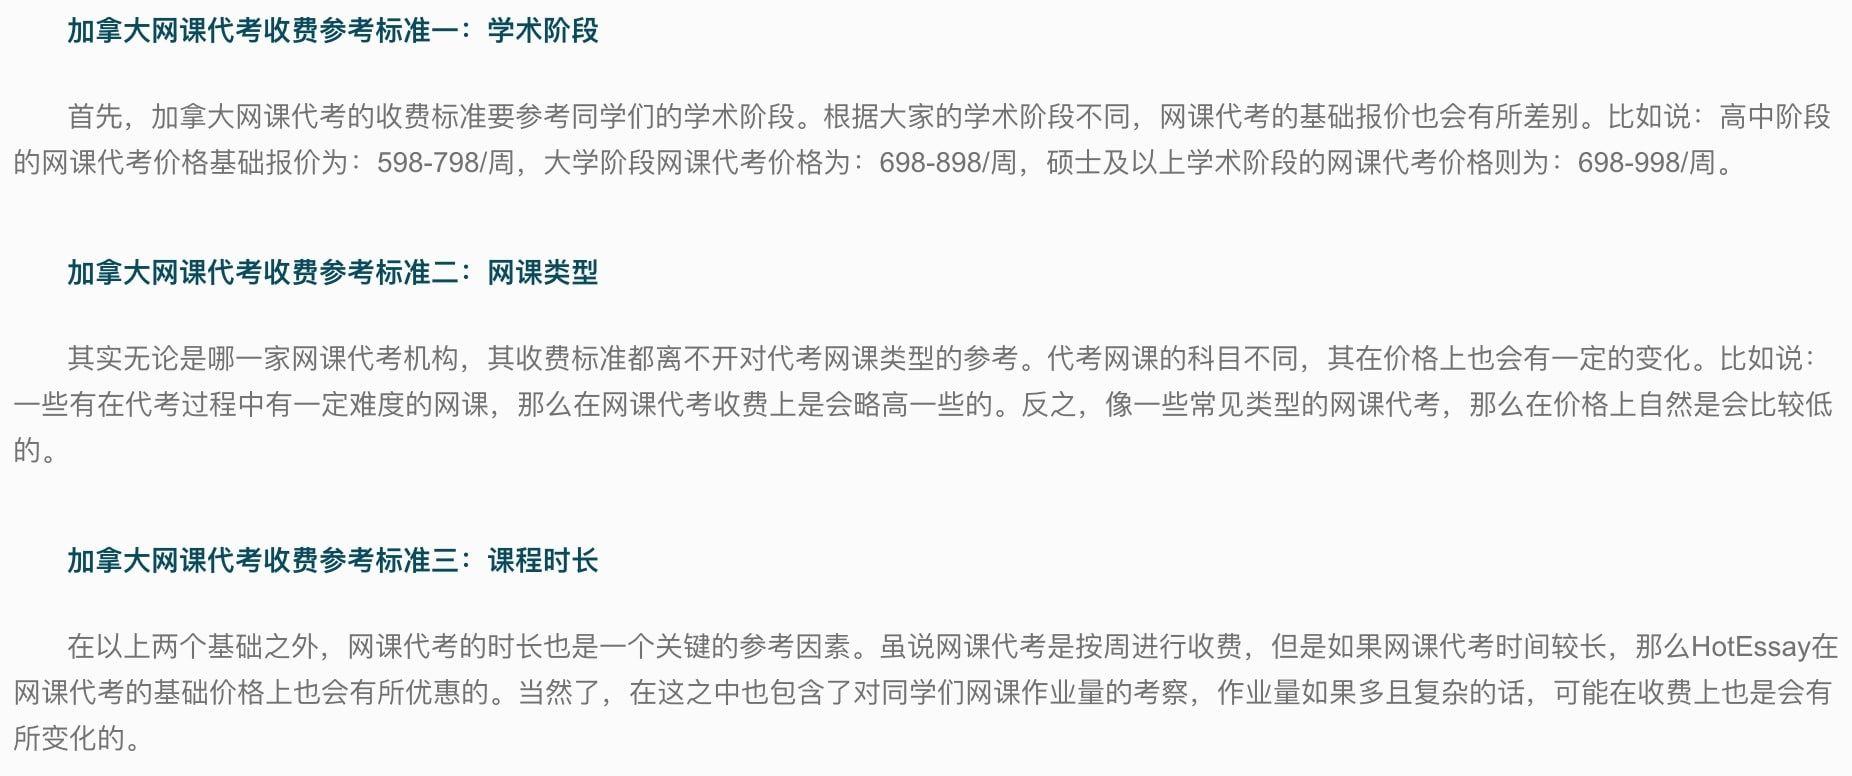 """加拿大代写代考:""""一条龙服务""""已成部分华人留学生""""刚需"""""""